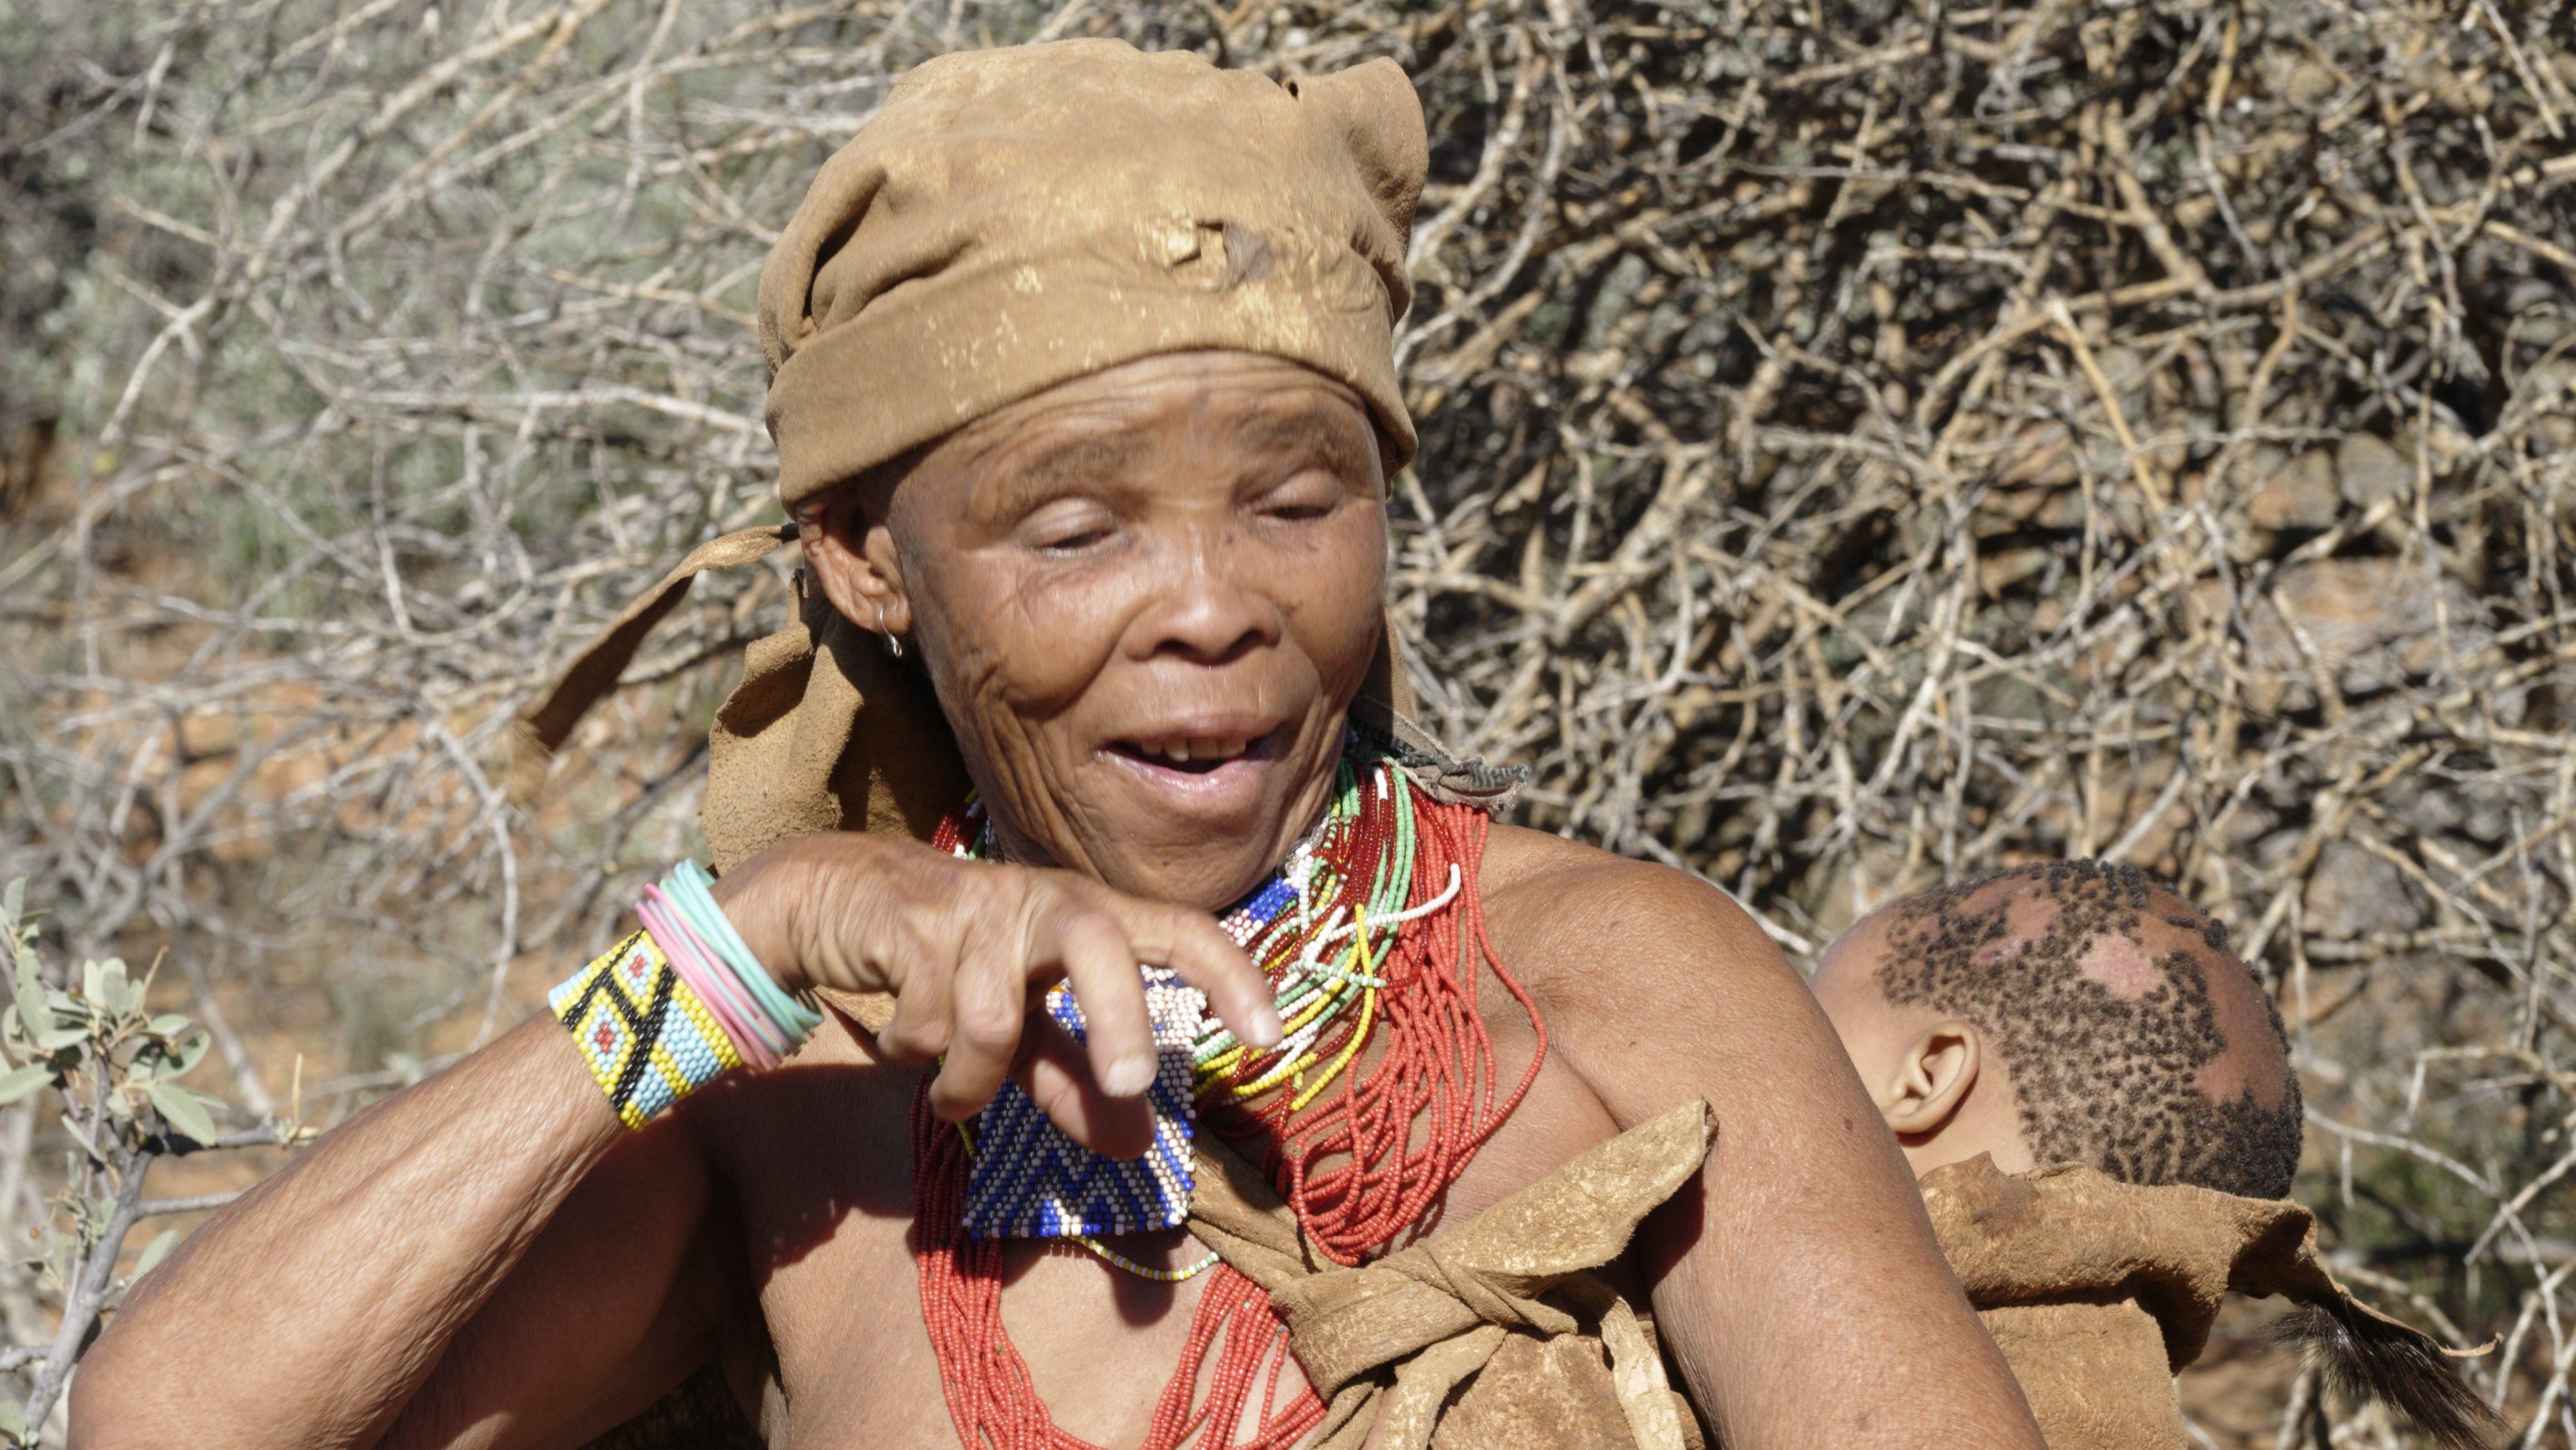 Namibie-2019-04-22, 15h48mn15s - P_10744_blog